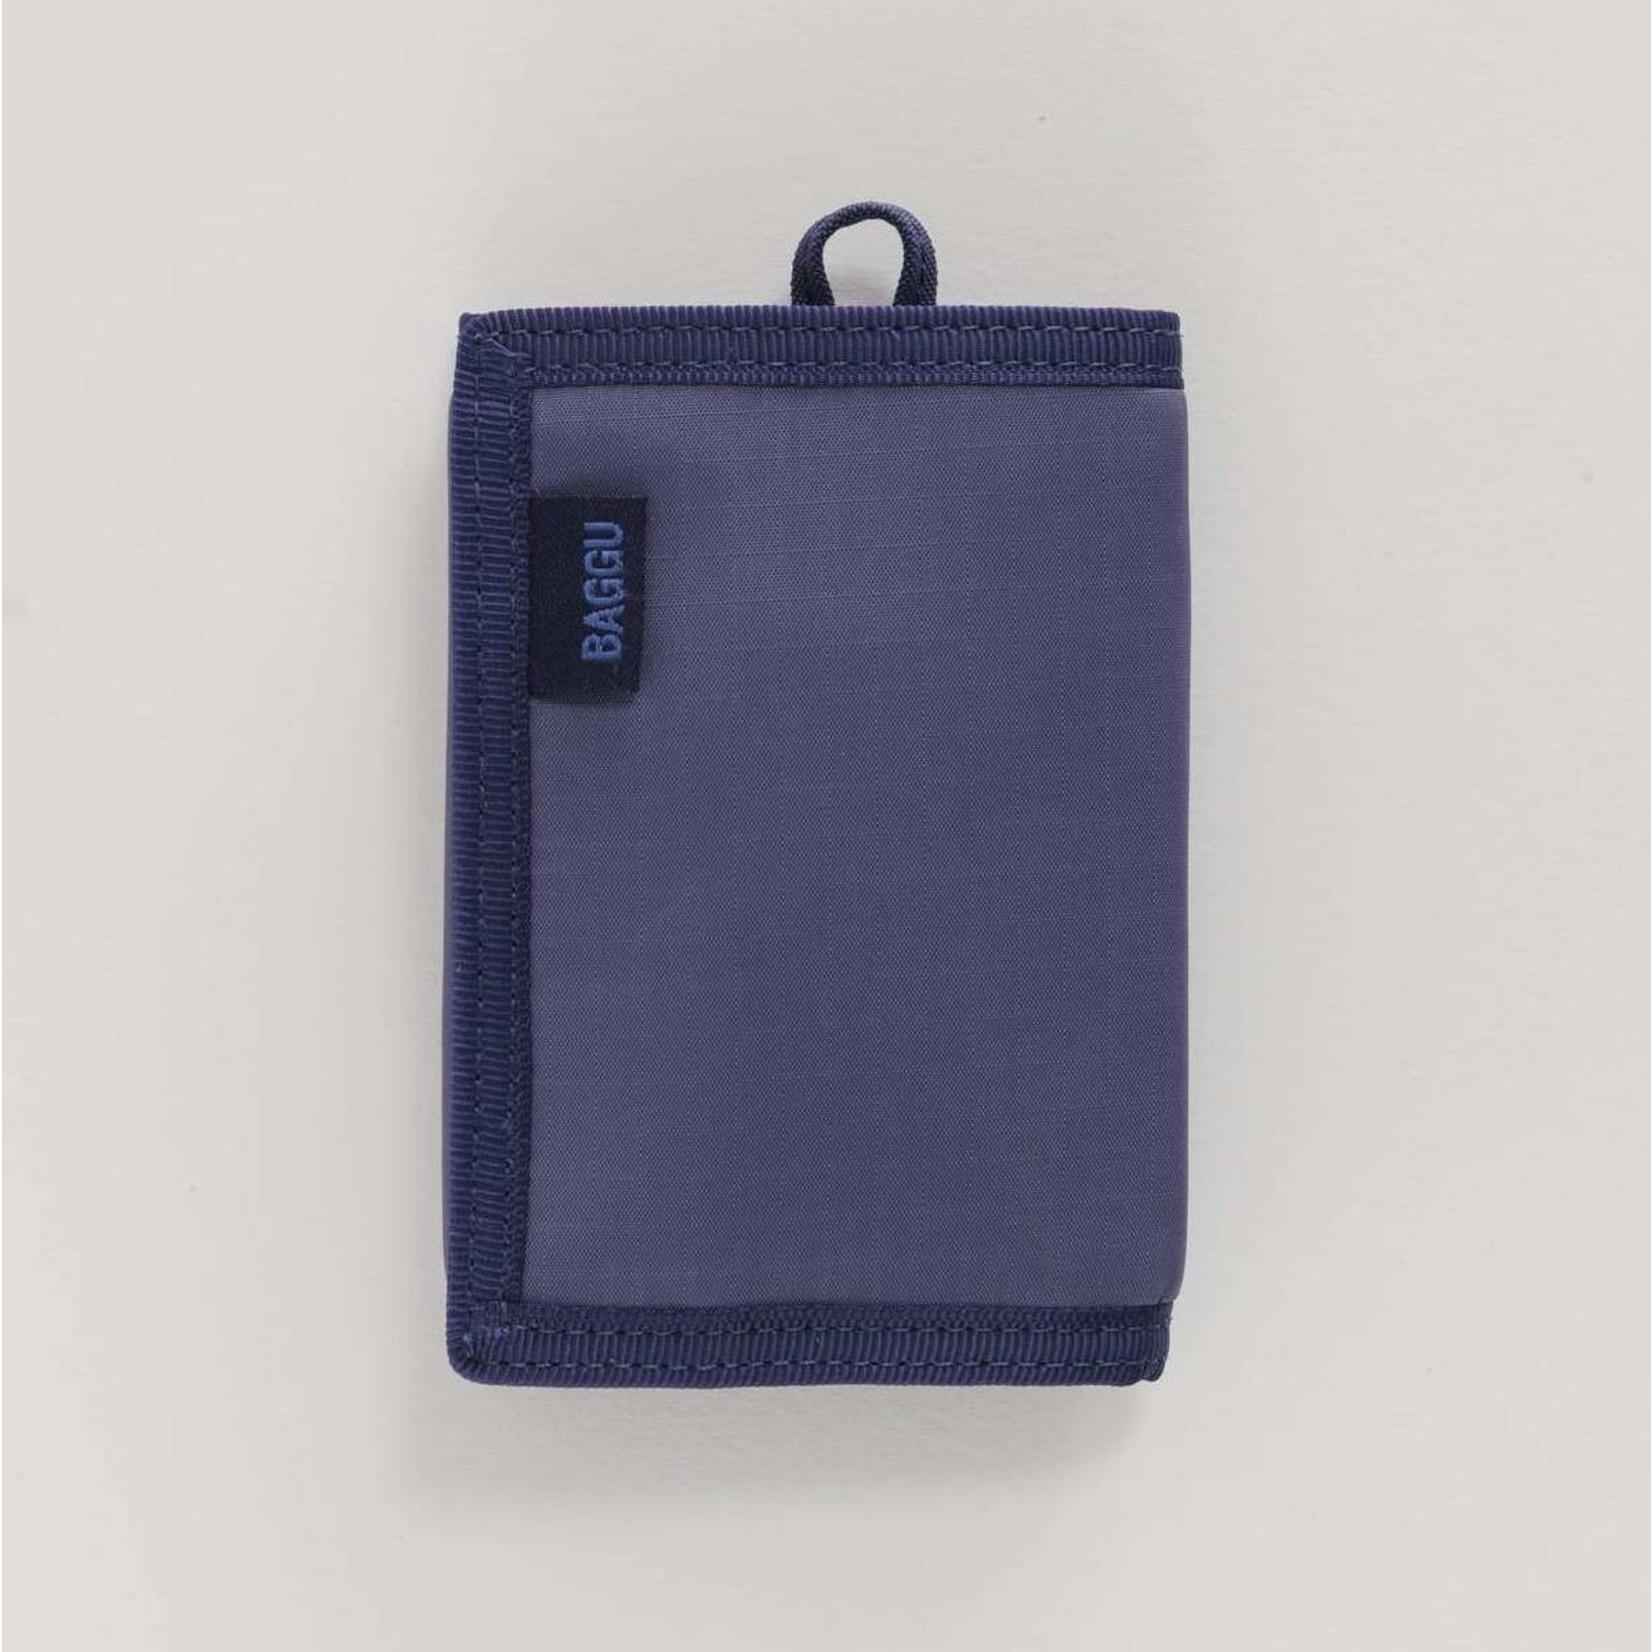 Baggu Nylon Wallet Ink